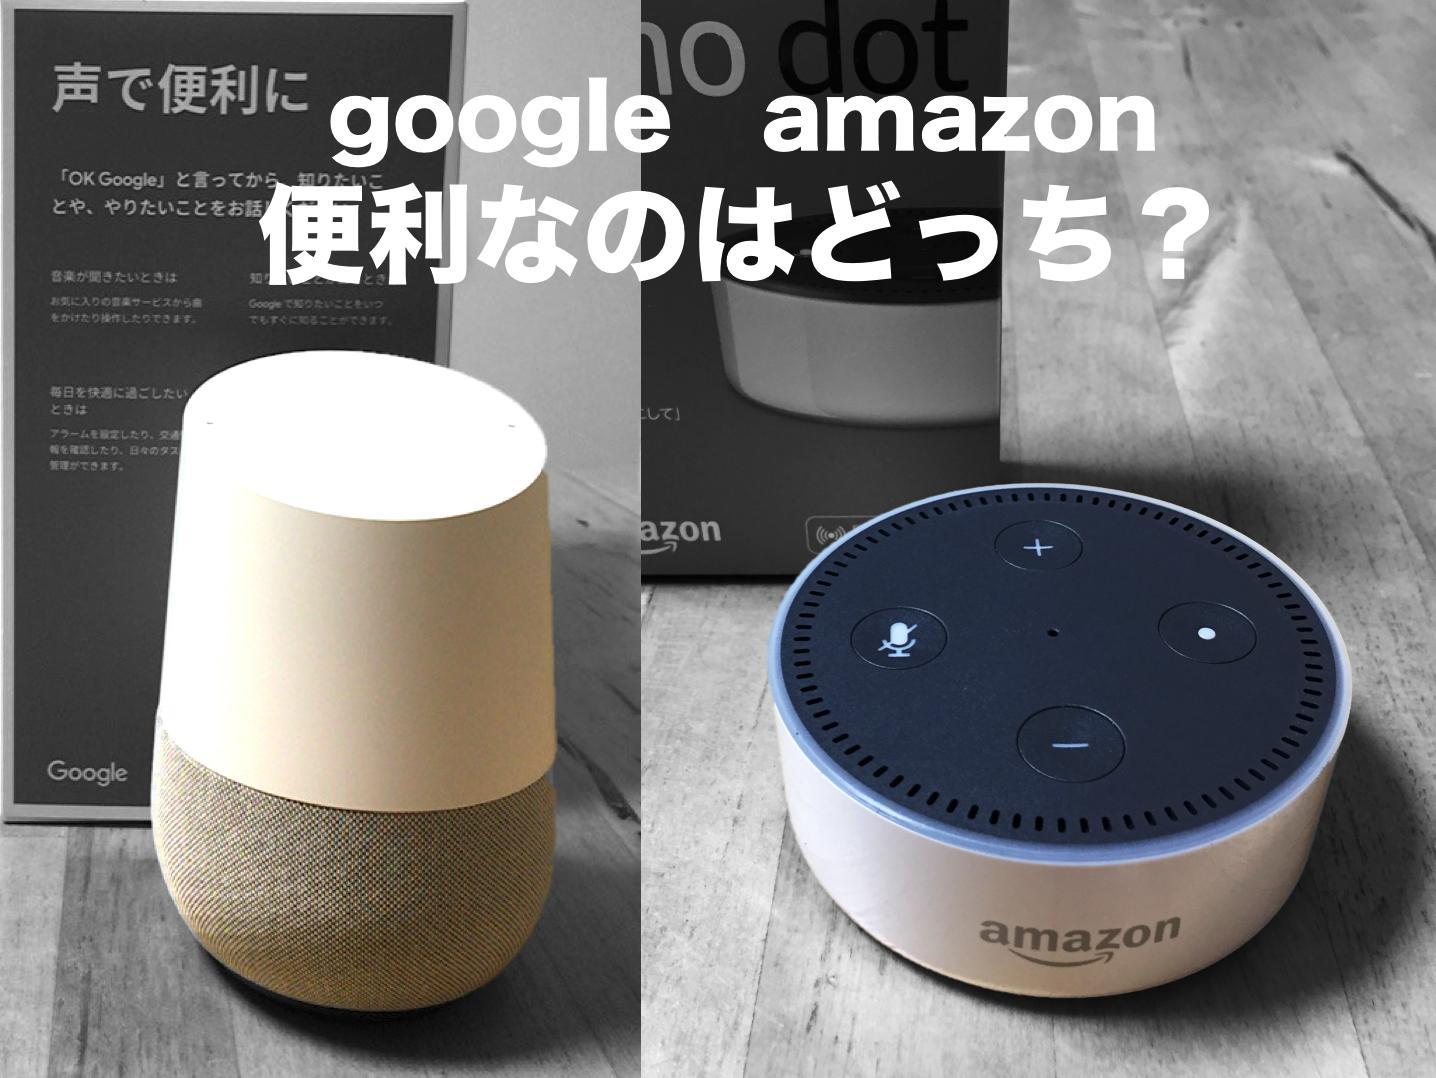 便利なのはどっちスマートスピーカー第一印象と未来。google vs amazon